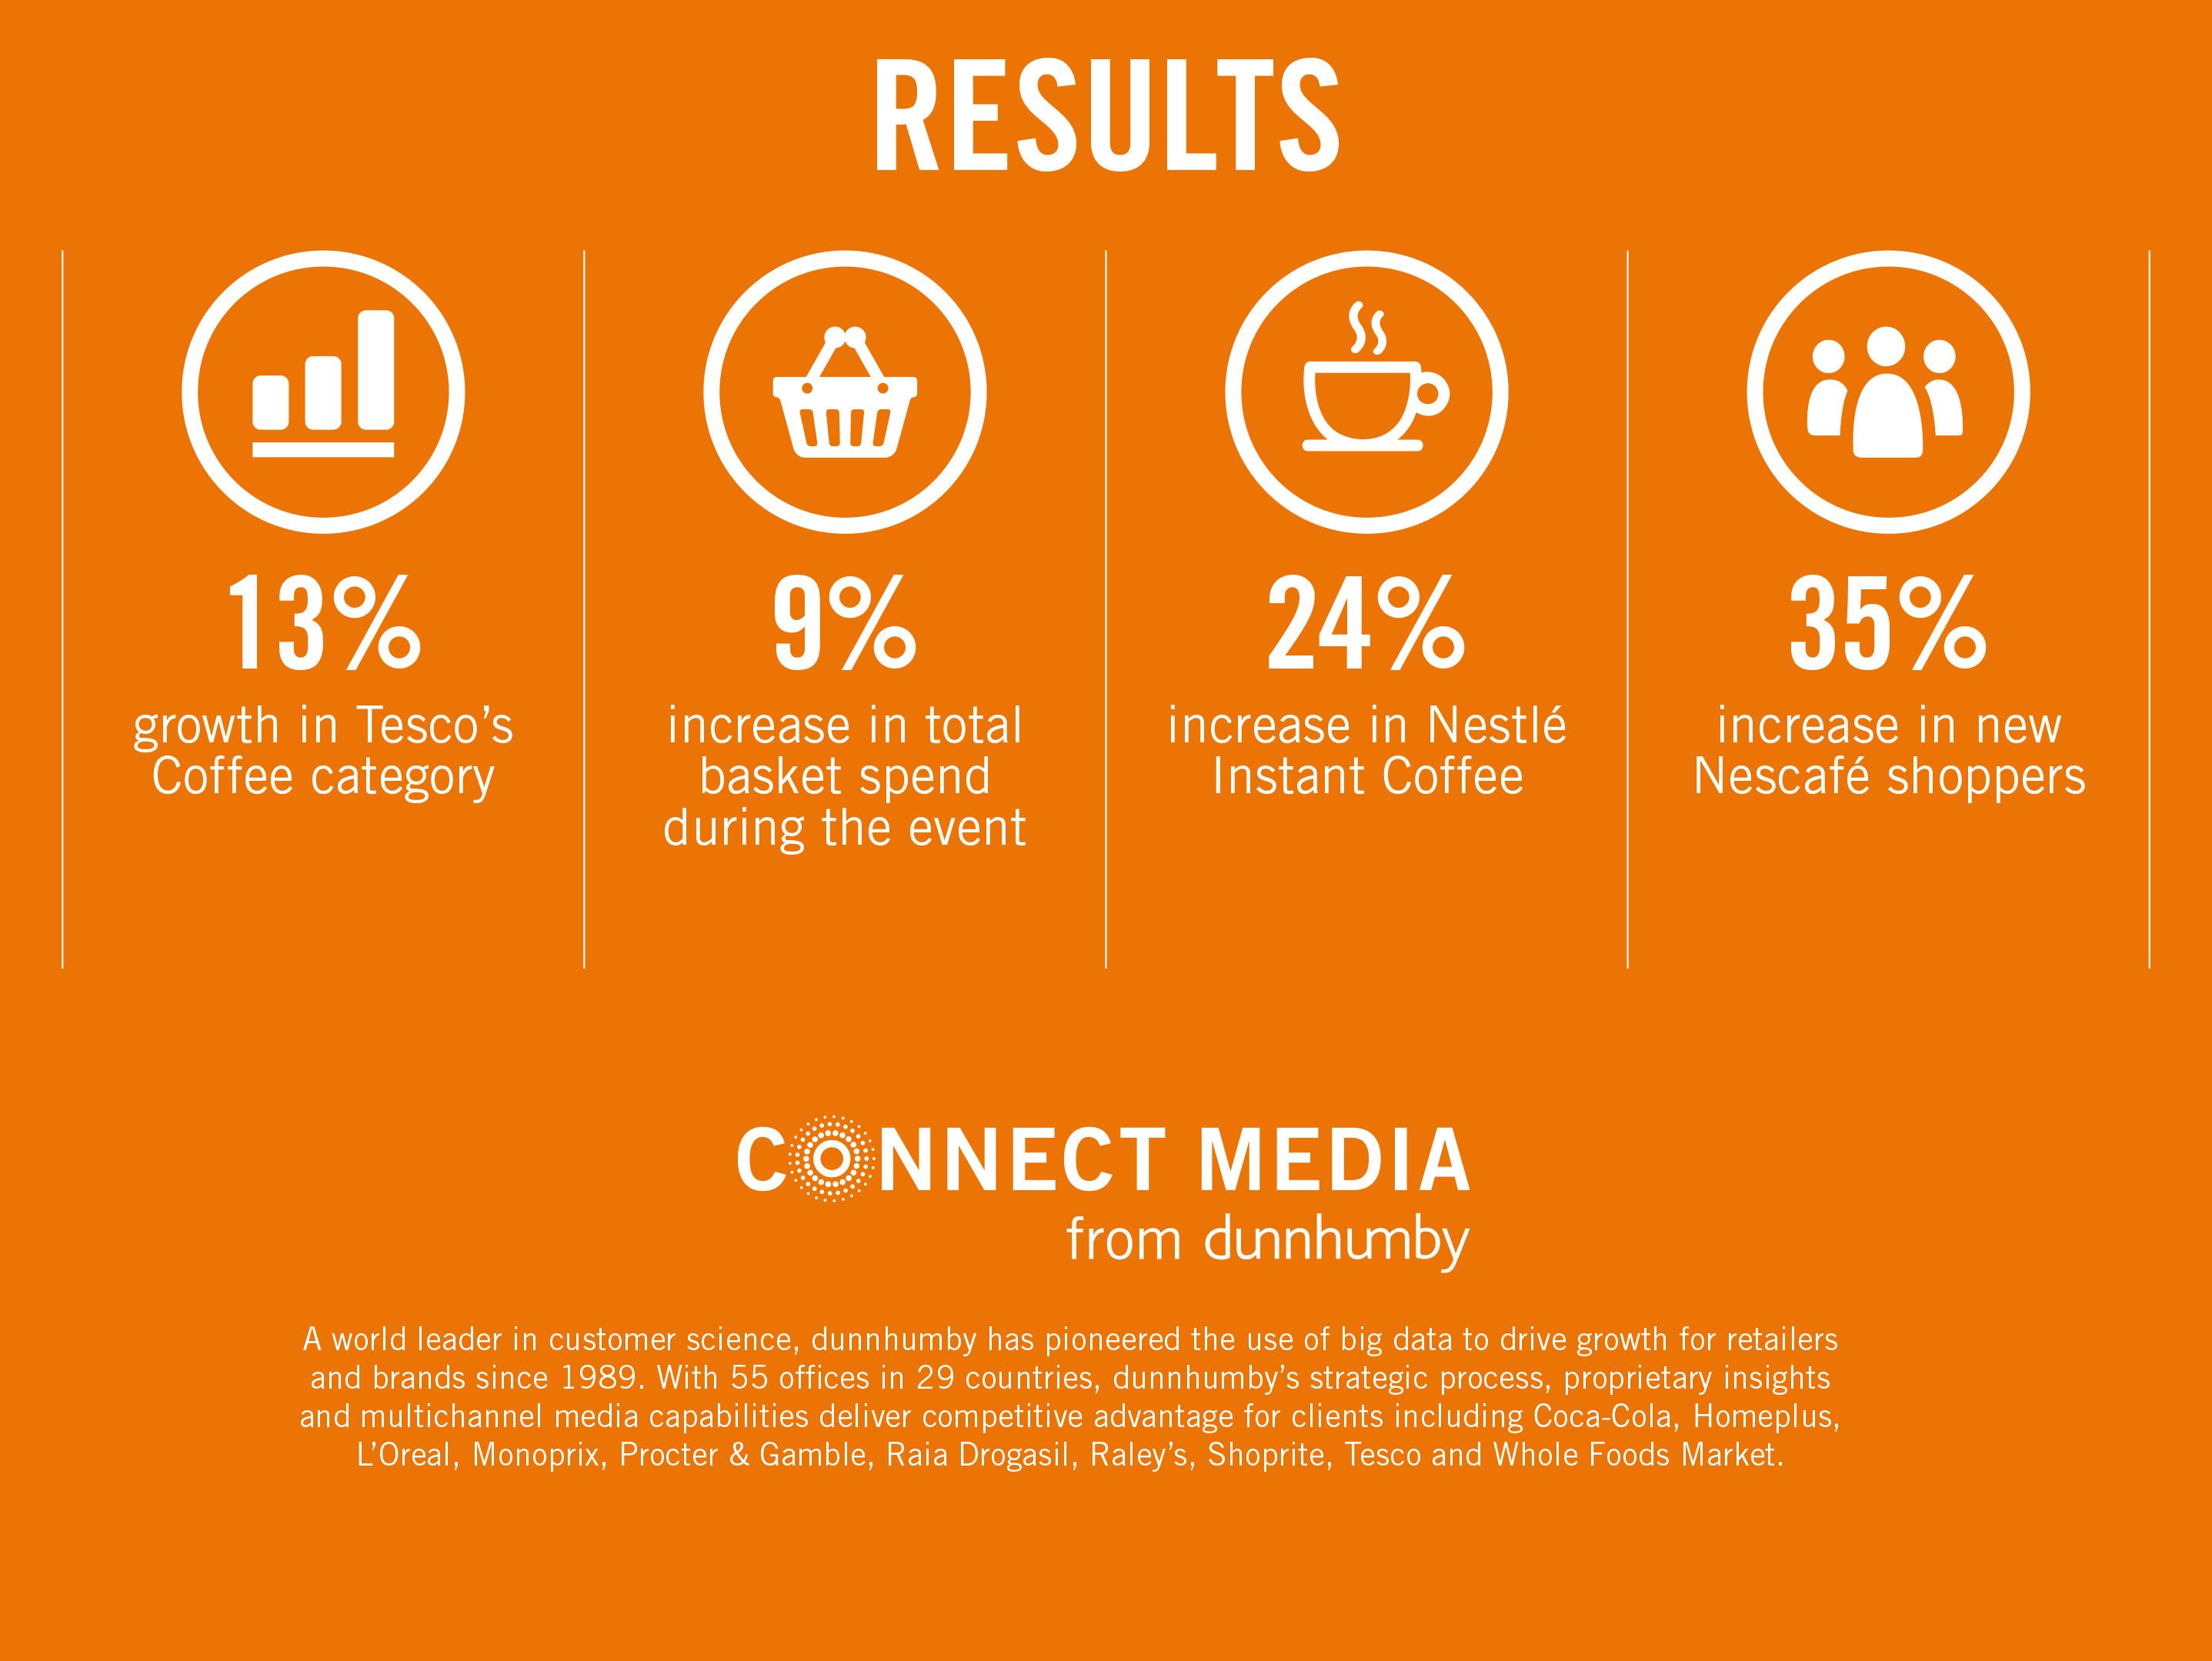 CONNECT MEDIA: Pierwsze, mierzalne media w retailu już dostępne na rynku! [Case study] Connect Media Nescafe Tesco Infographic Fin slajd6